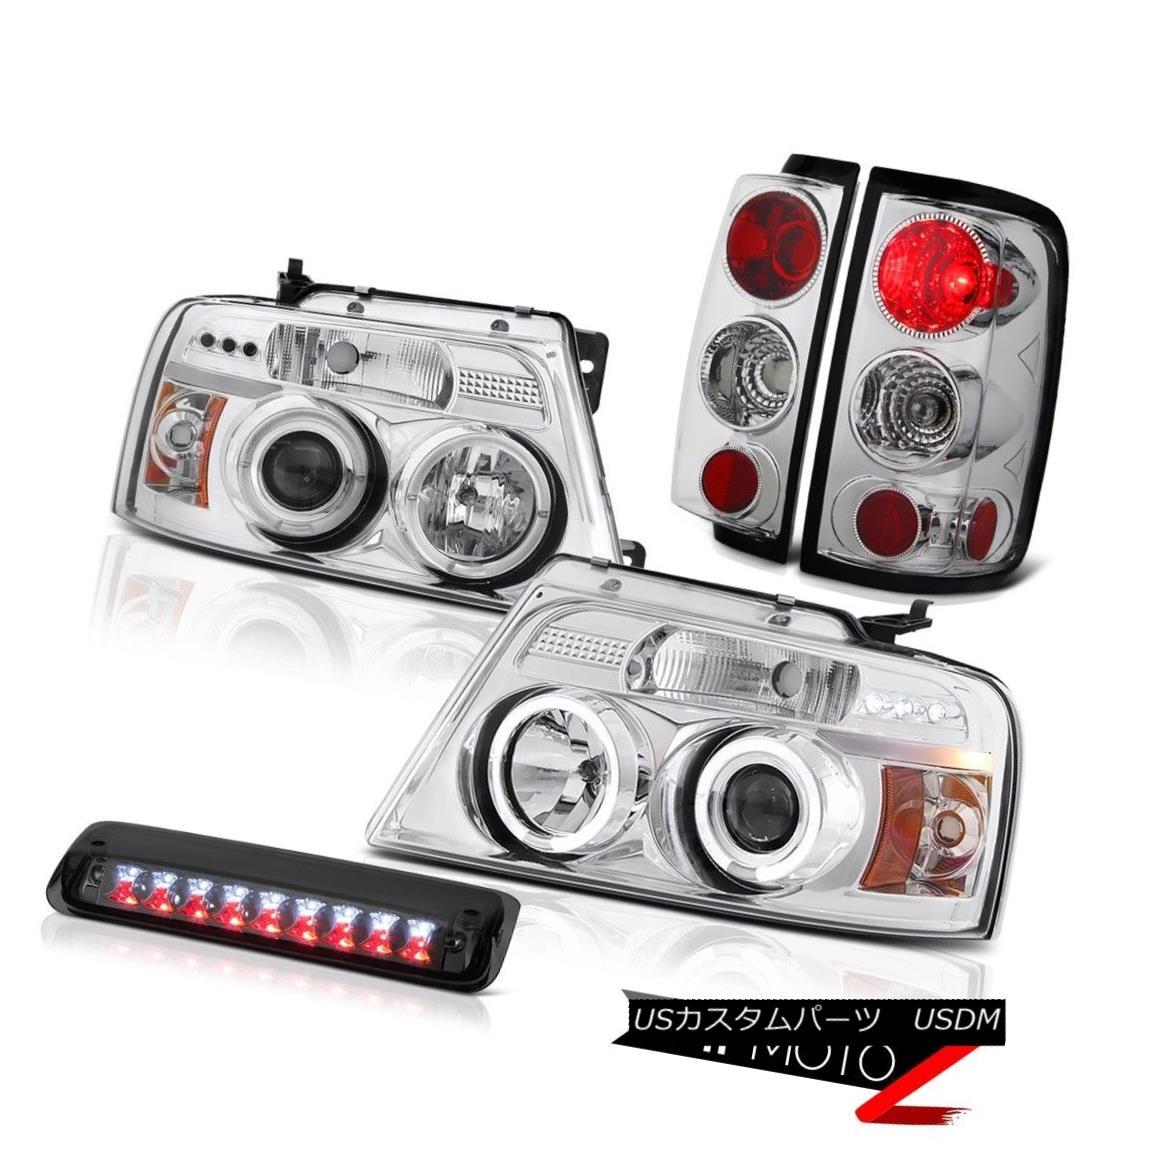 テールライト 2004-2008 Ford F150 XL Dark Smoke Roof Brake Lamp Headlights Taillights Halo Rim 2004-2008フォードF150 XLダークスモークルーフブレーキランプヘッドライトテールランプハローリム